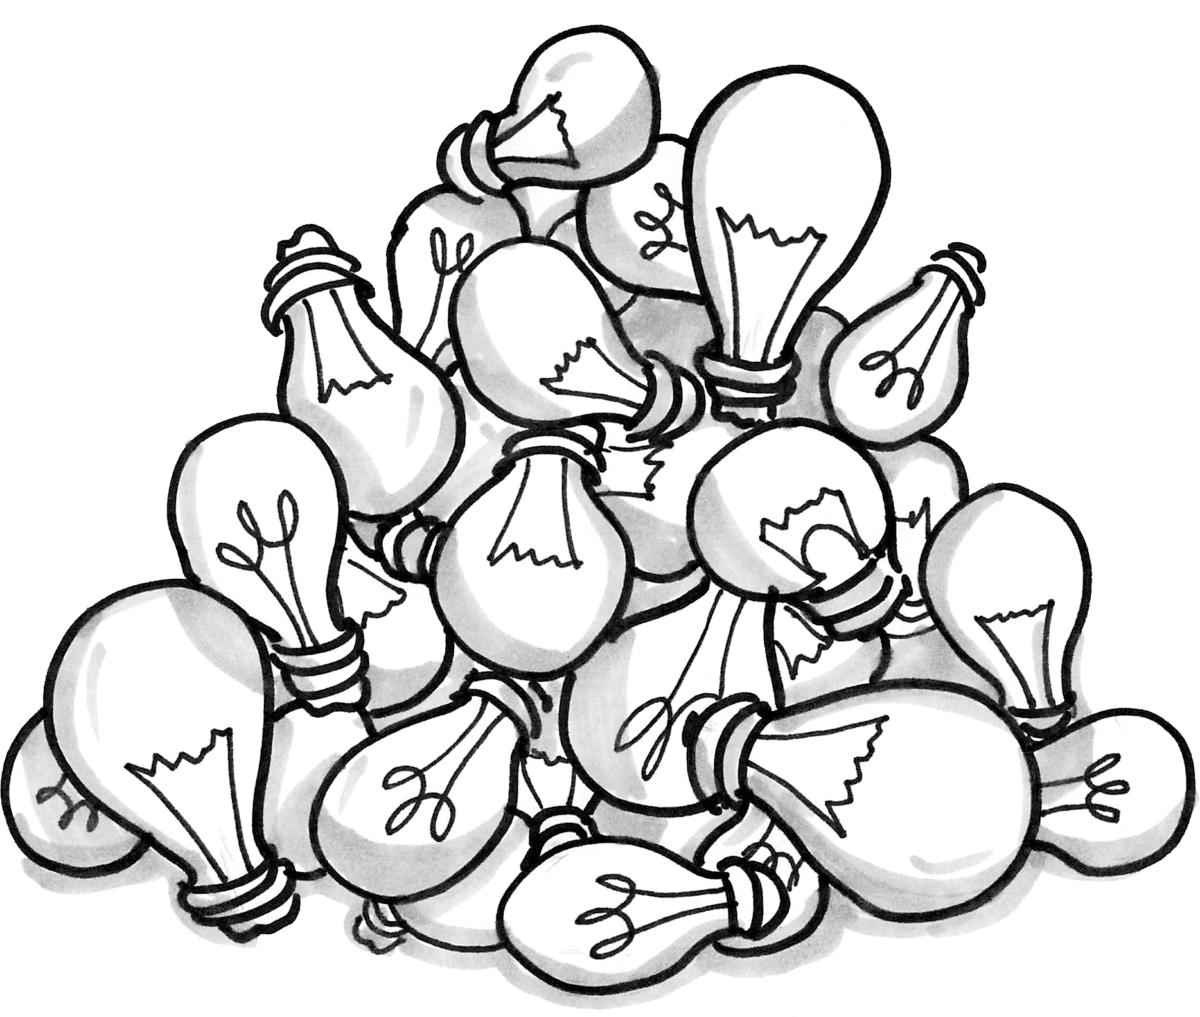 illustration-PileOBulbs-uniform